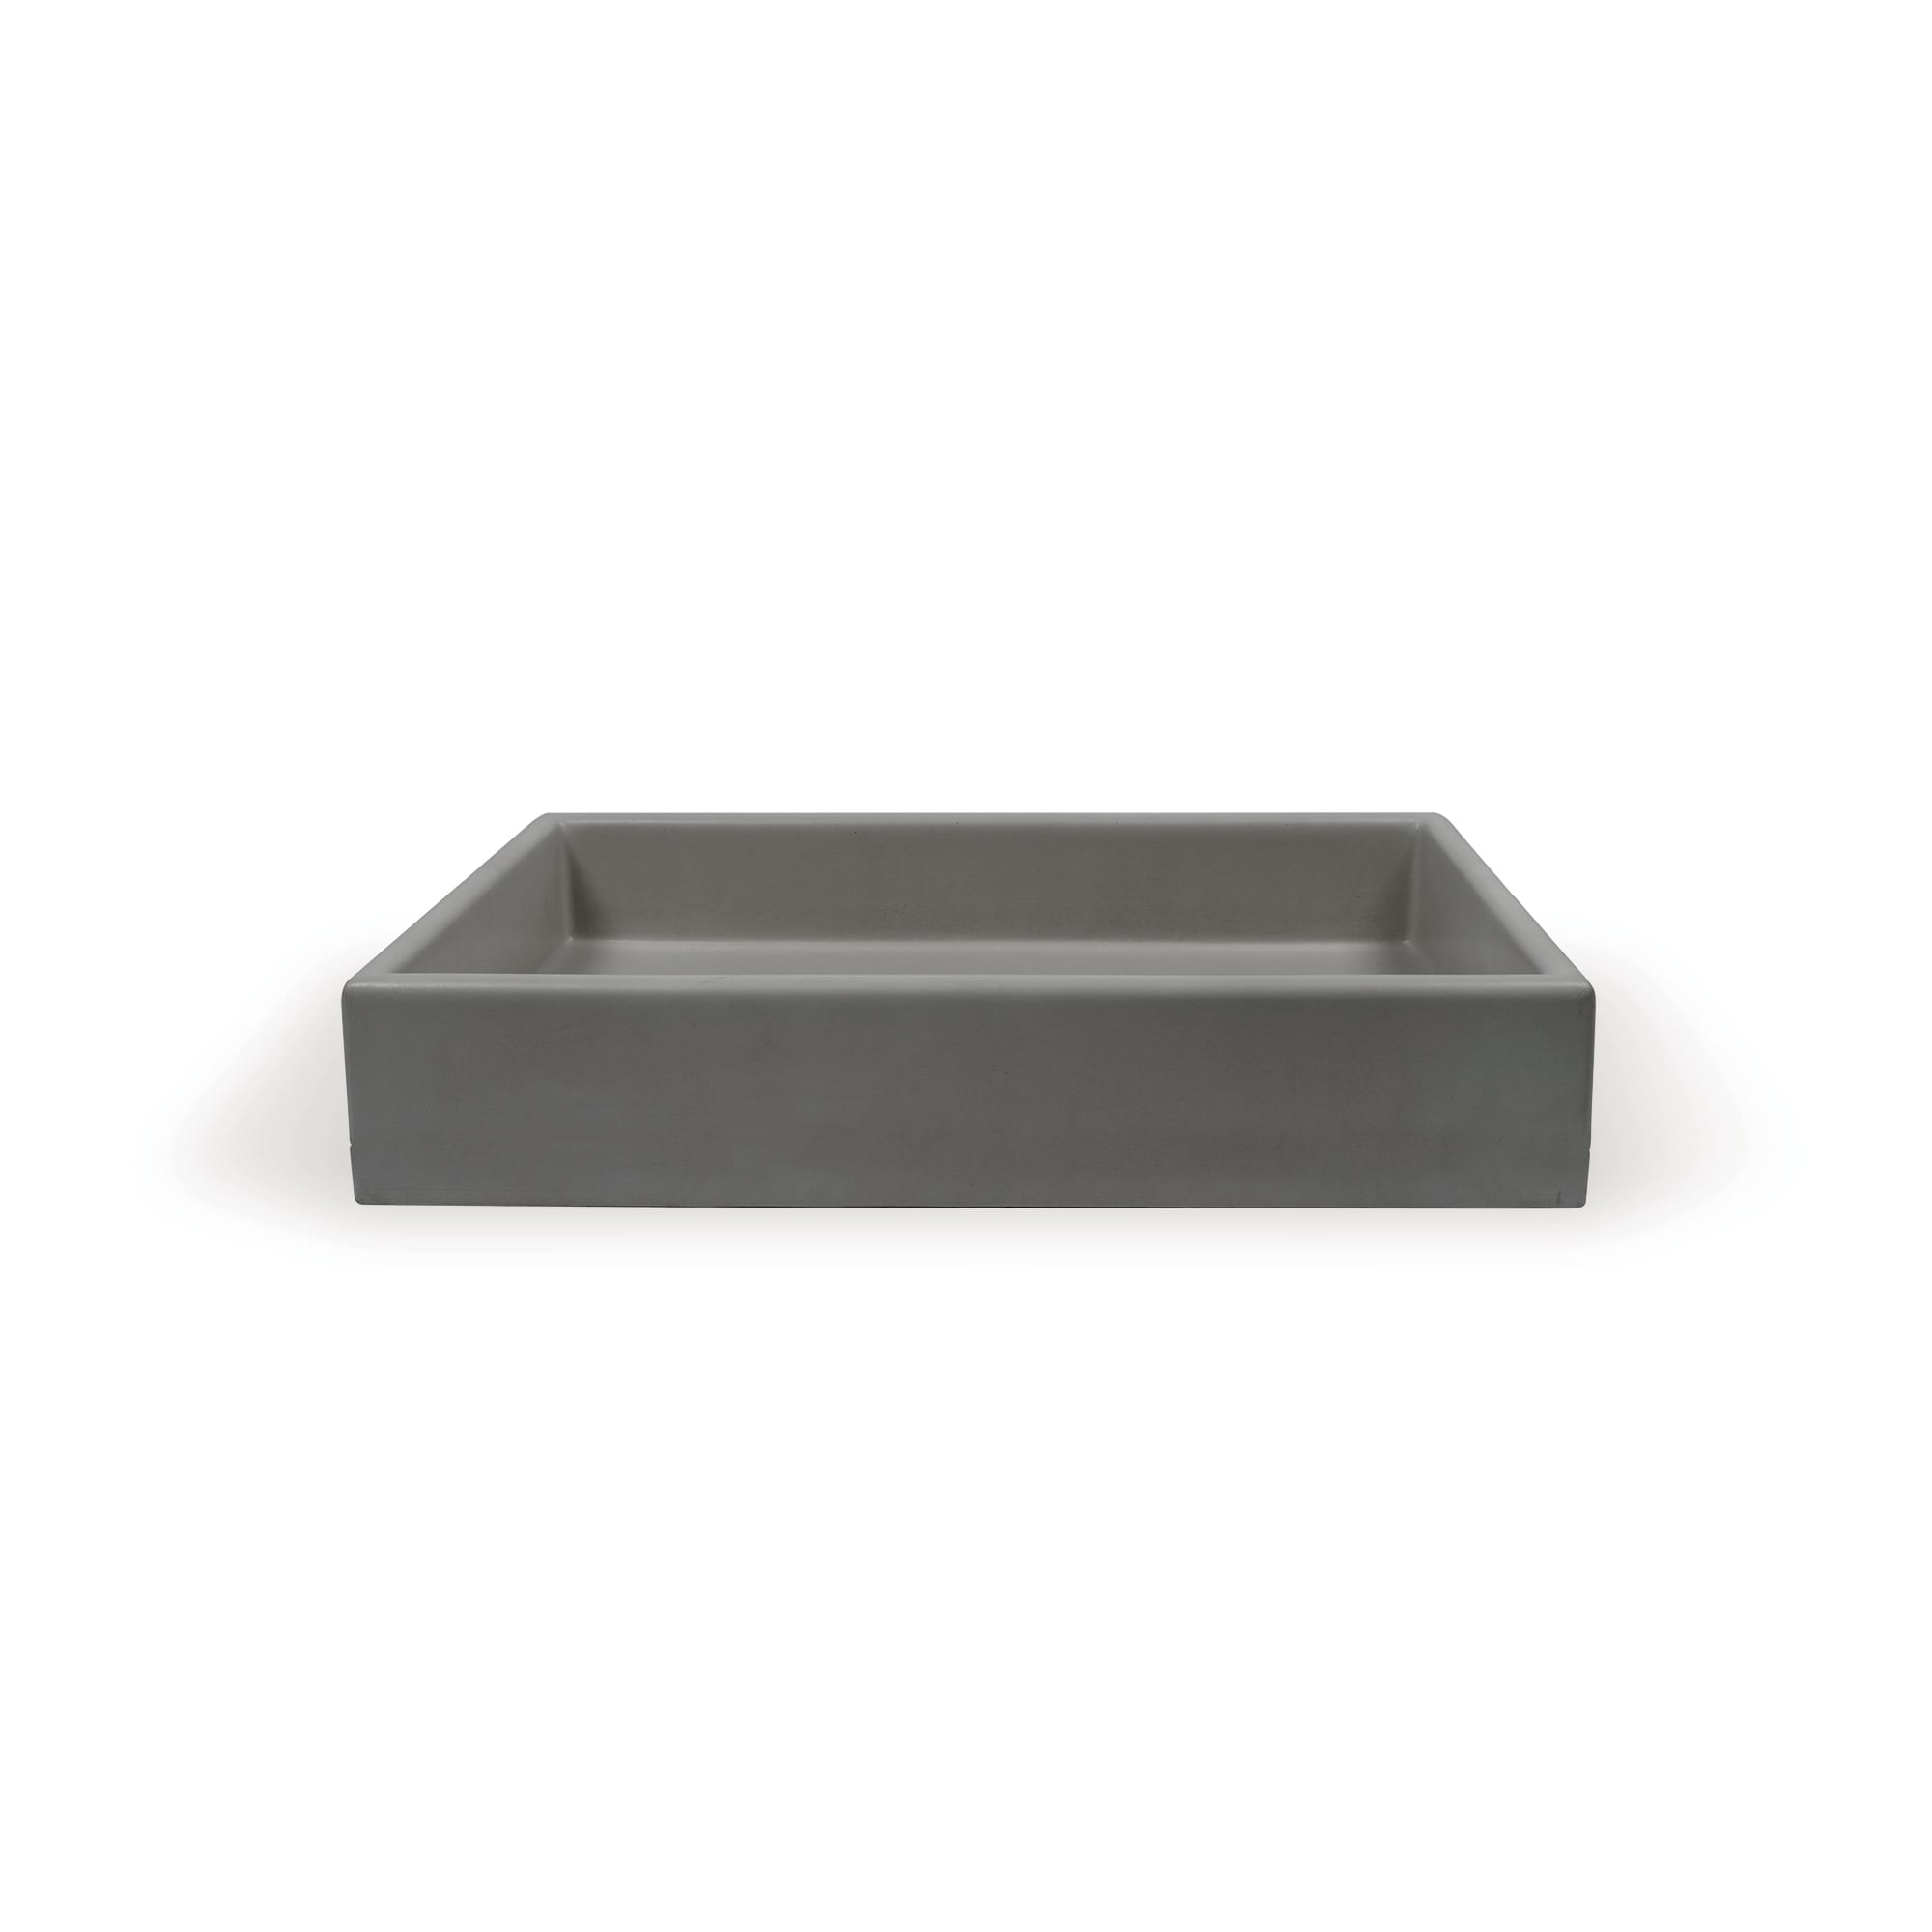 Box Original 9